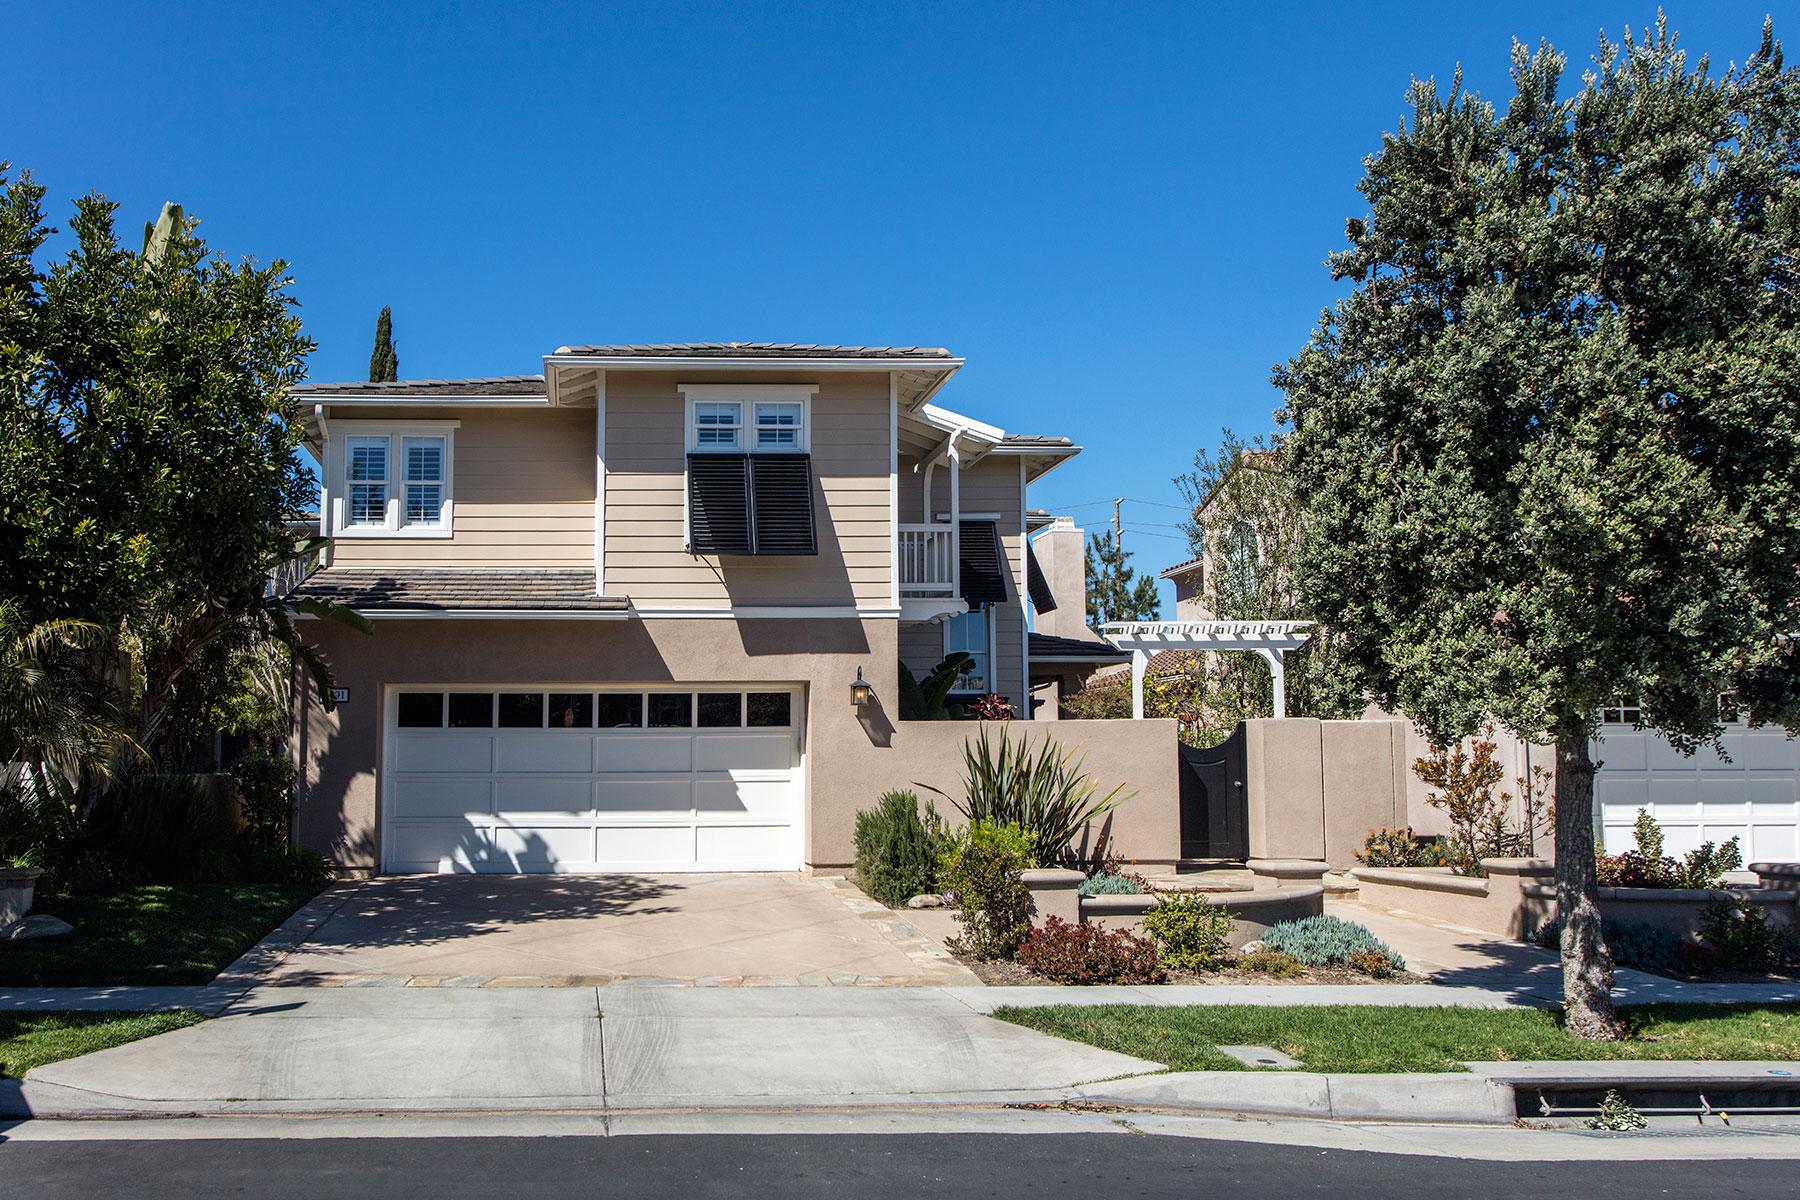 独户住宅 为 销售 在 6691 Brentwood Drive 6691 Bentwood Drive, 杭廷顿海滩, 加利福尼亚州, 92648 美国